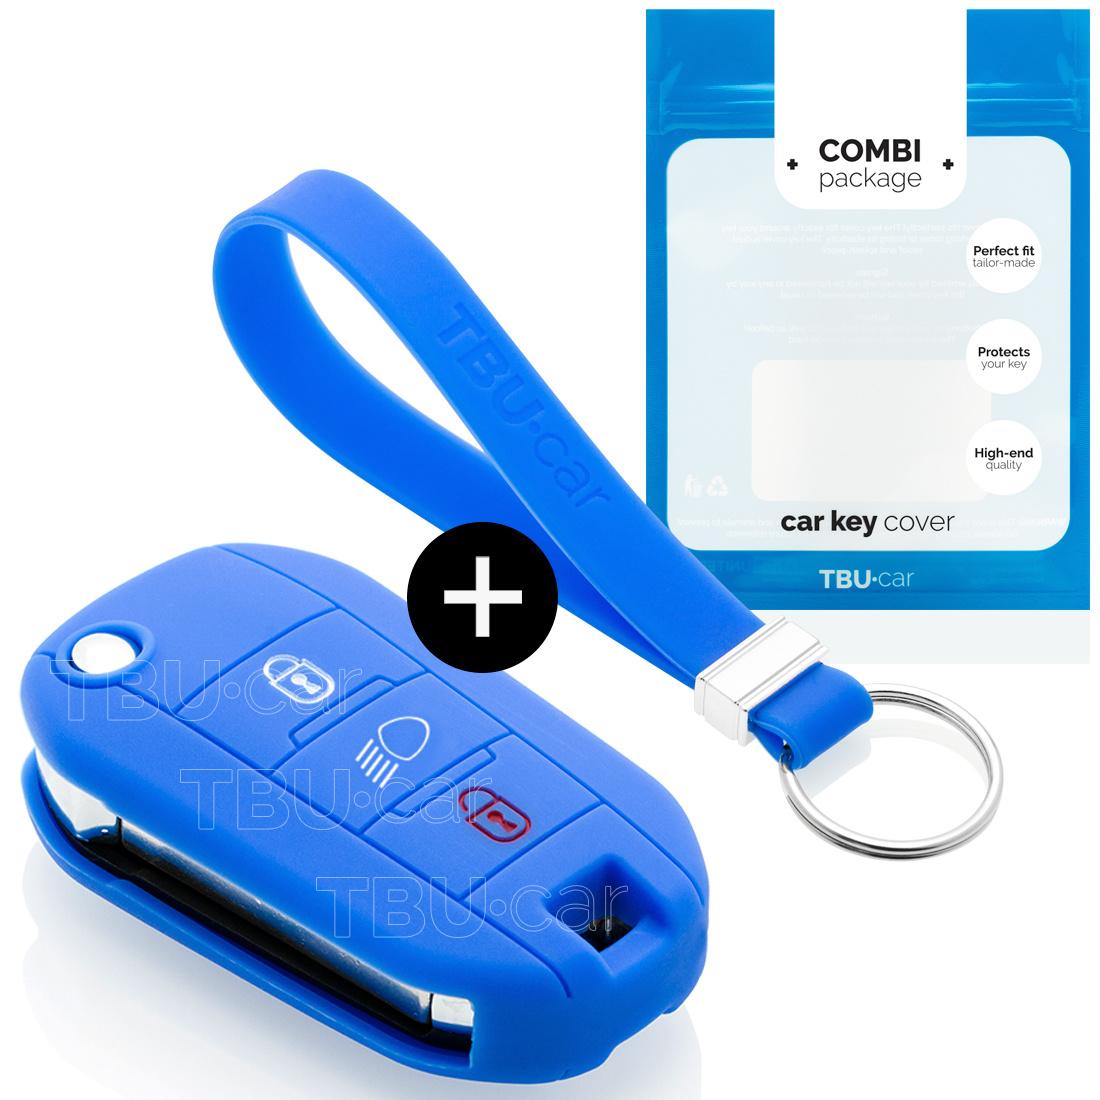 TBU car Autoschlüssel Hülle für Peugeot 3 Tasten (Licht Taste) - Schutzhülle aus Silikon - Auto Schlüsselhülle Cover in Blau